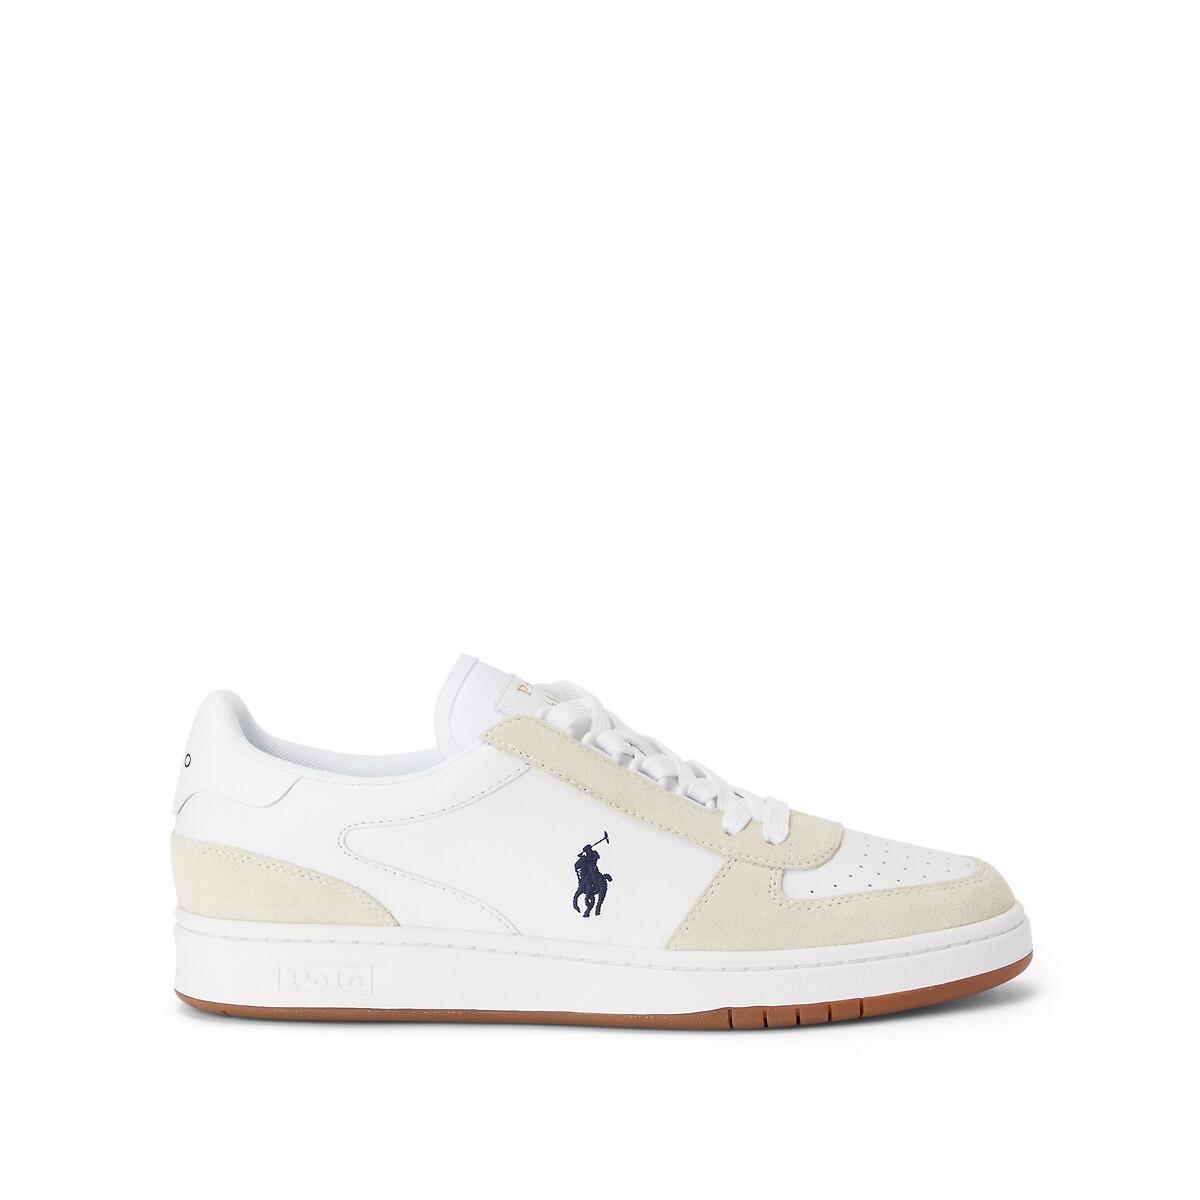 Polo Ralph Lauren Polo Court Sneakers met suède mix in wit met marineblauw ponylogo online kopen